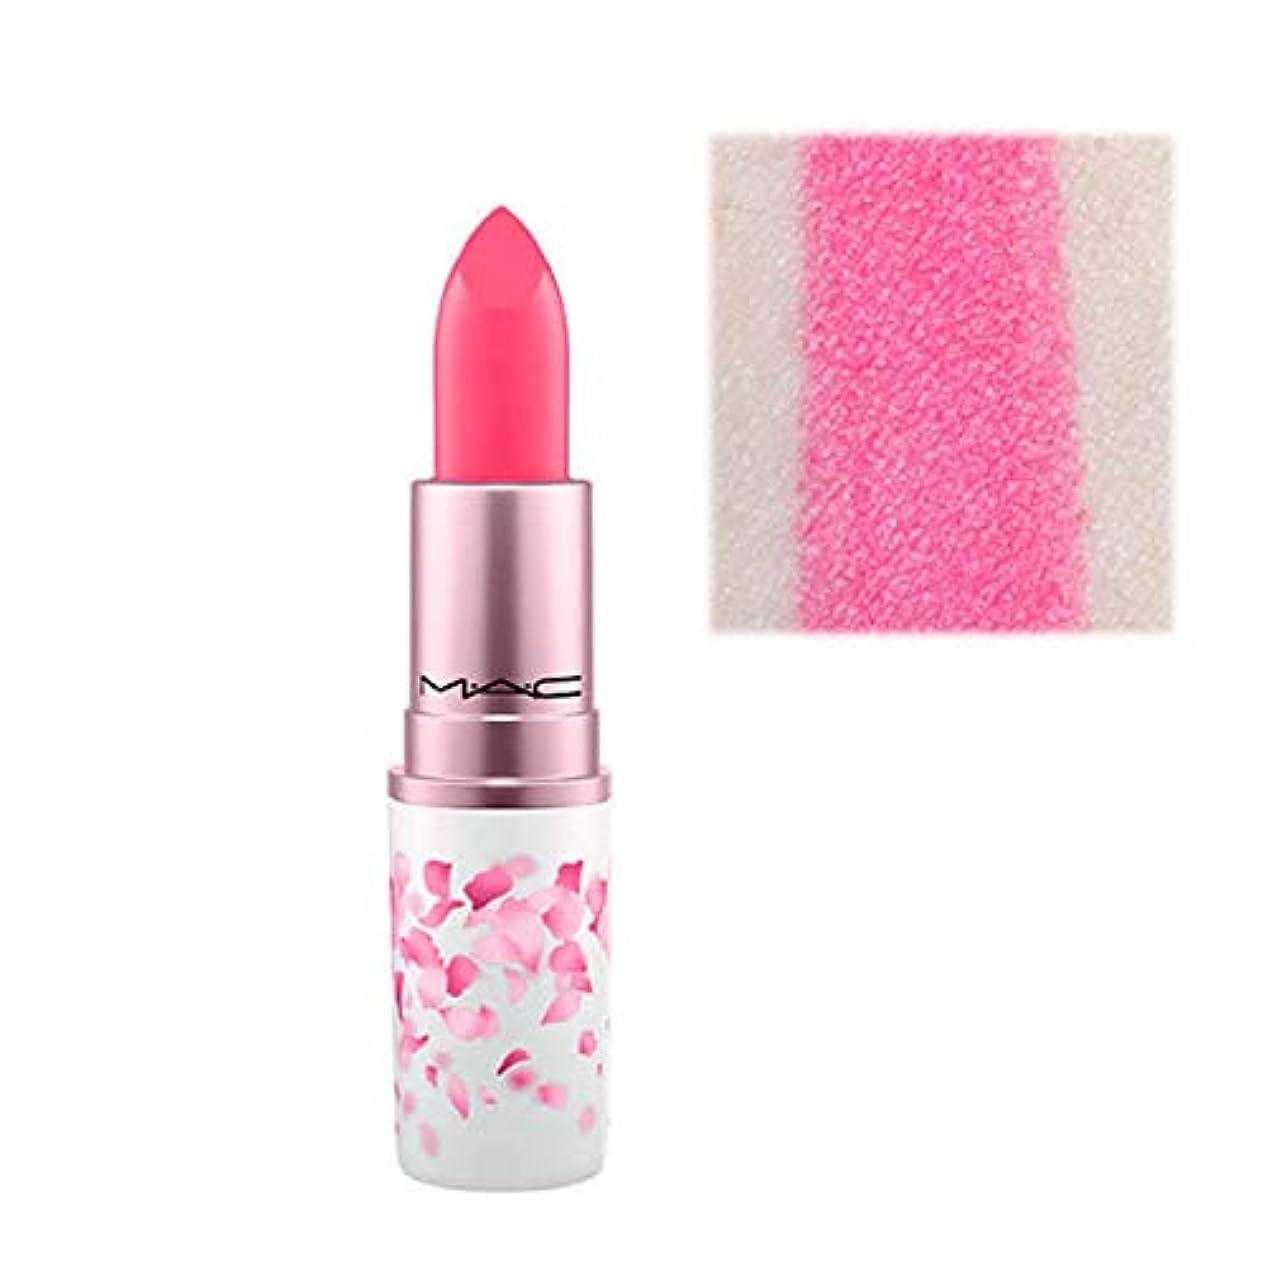 スケジュールすみませんスタッフM.A.C ?マック, 限定版, 2019 Spring, Lipstick/Boom, Boom, Bloom - Tsk Tsk [海外直送品] [並行輸入品]